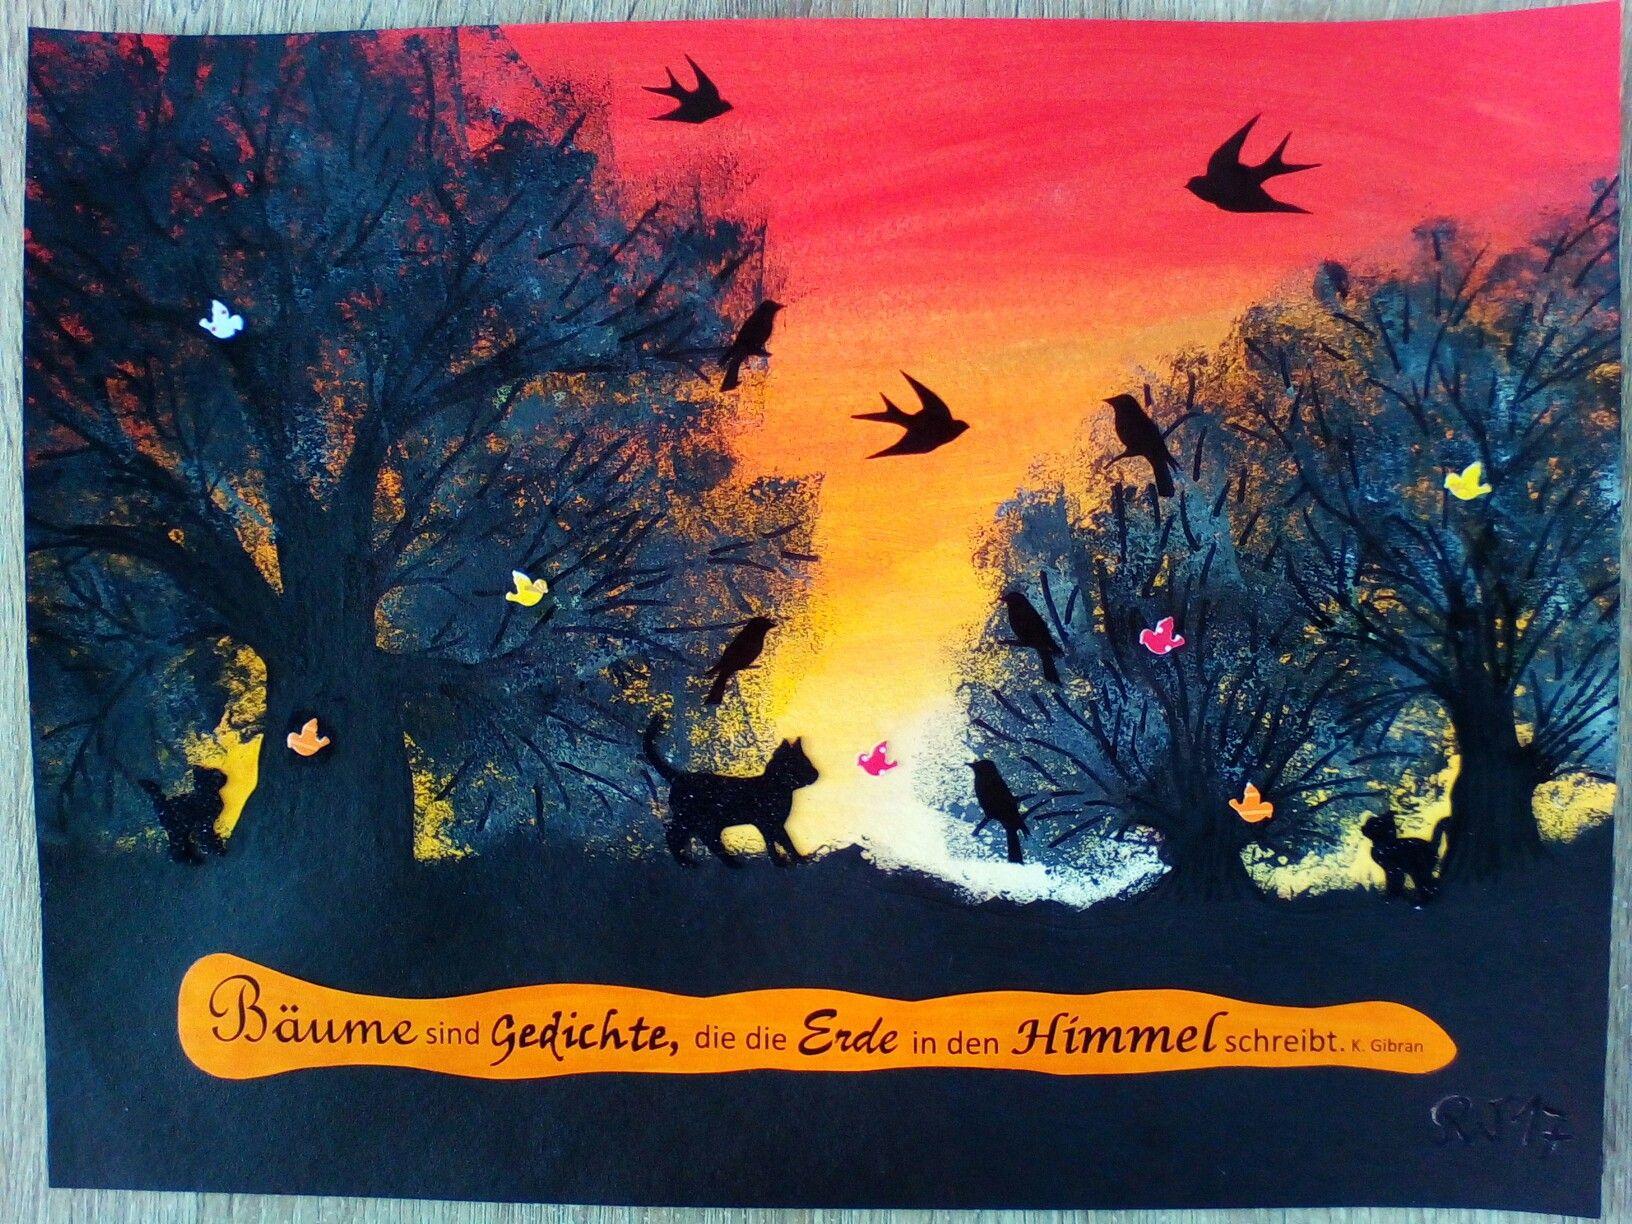 Hintergrund Baume Und Boden Acrylfarben Mit Schwarzem Permanent